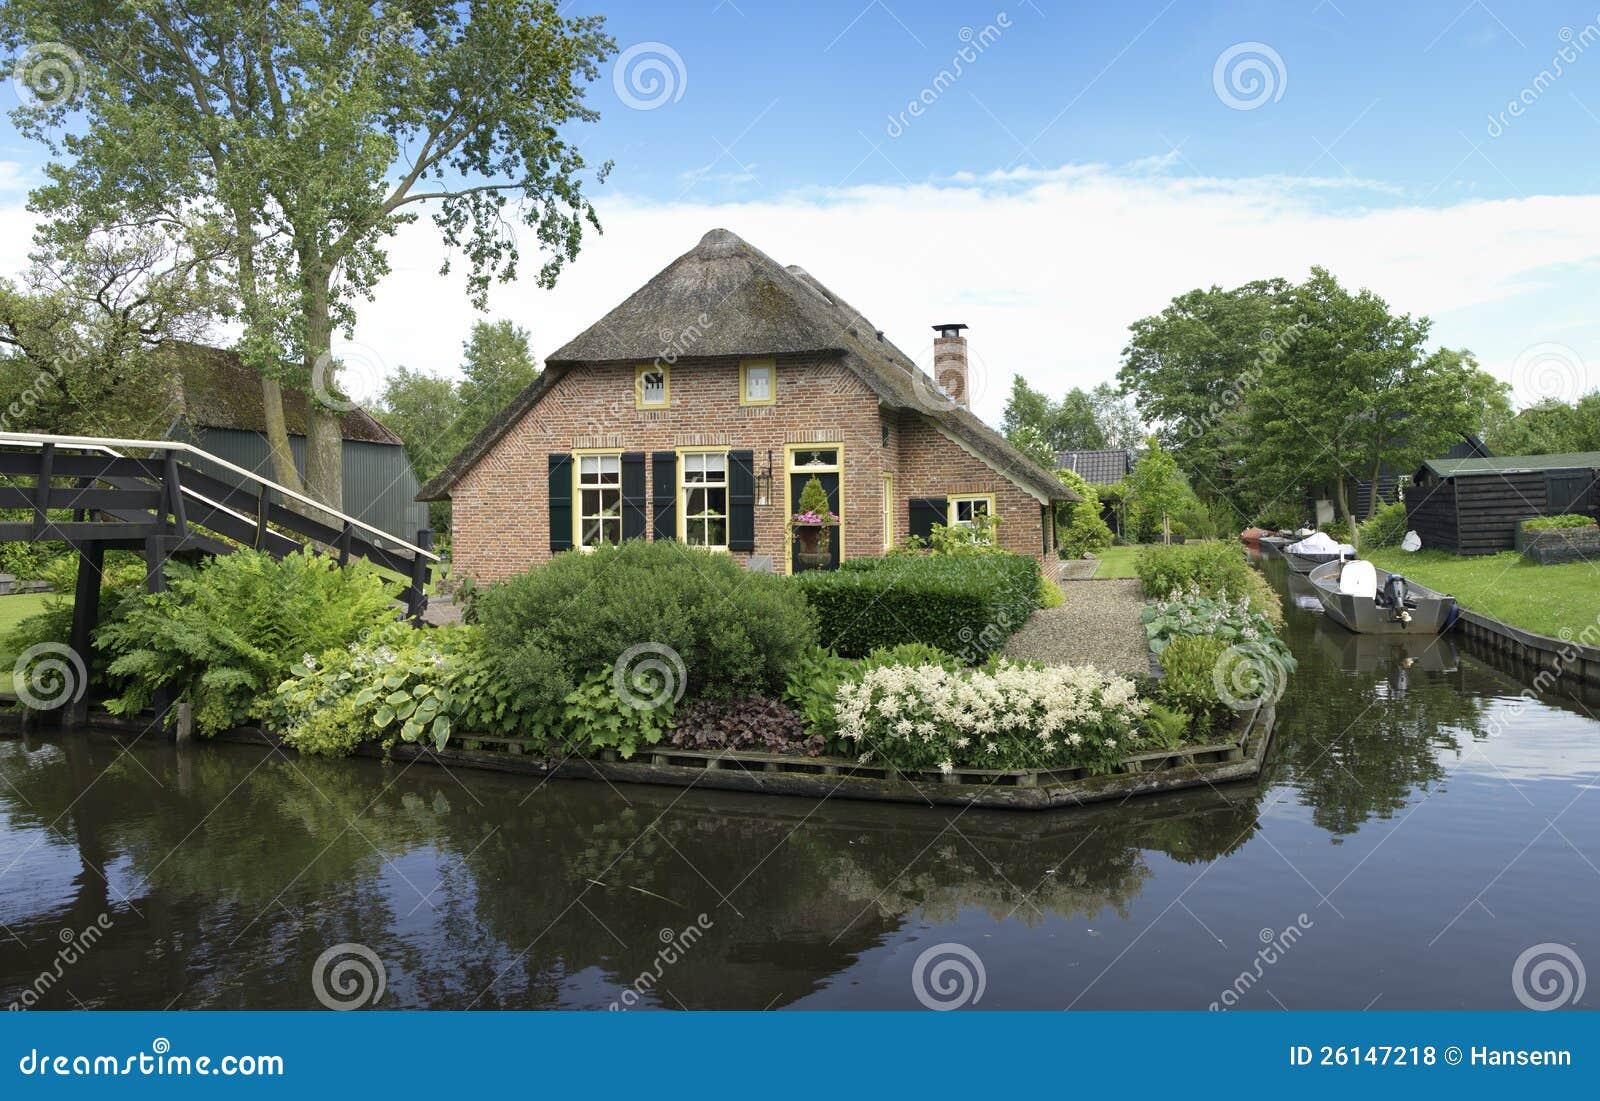 Casa tradizionale in giethoorn paesi bassi fotografia for Casa tradizionale mogoro